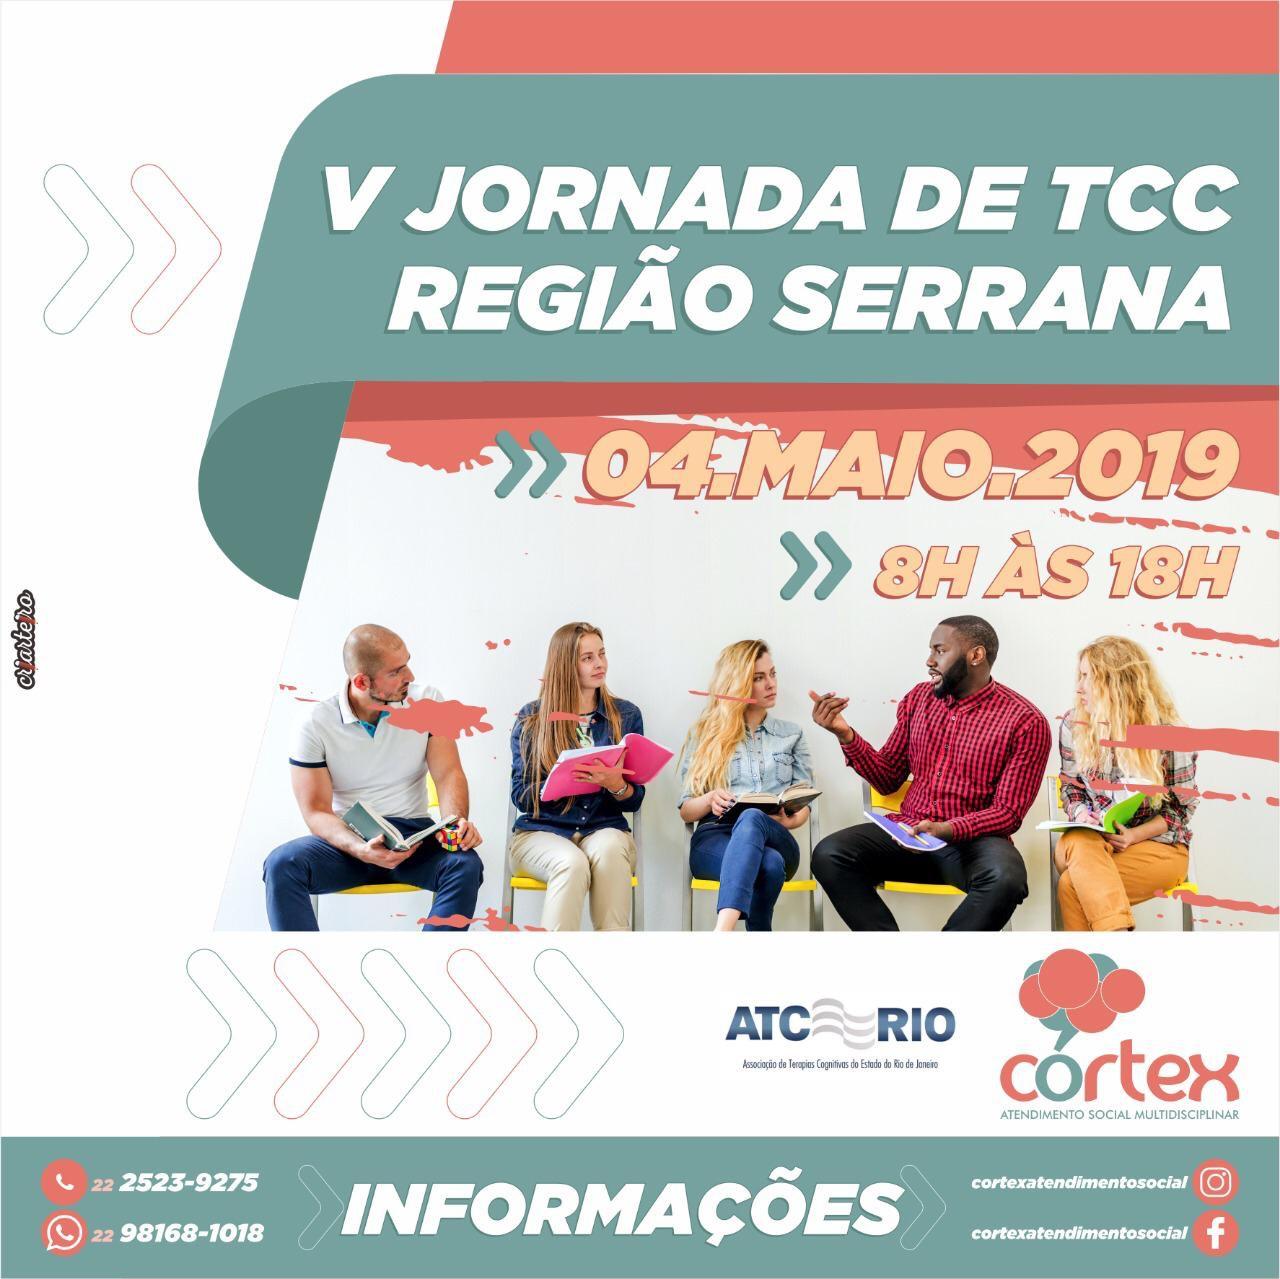 V JORNADA DE TCC   Região Serrana